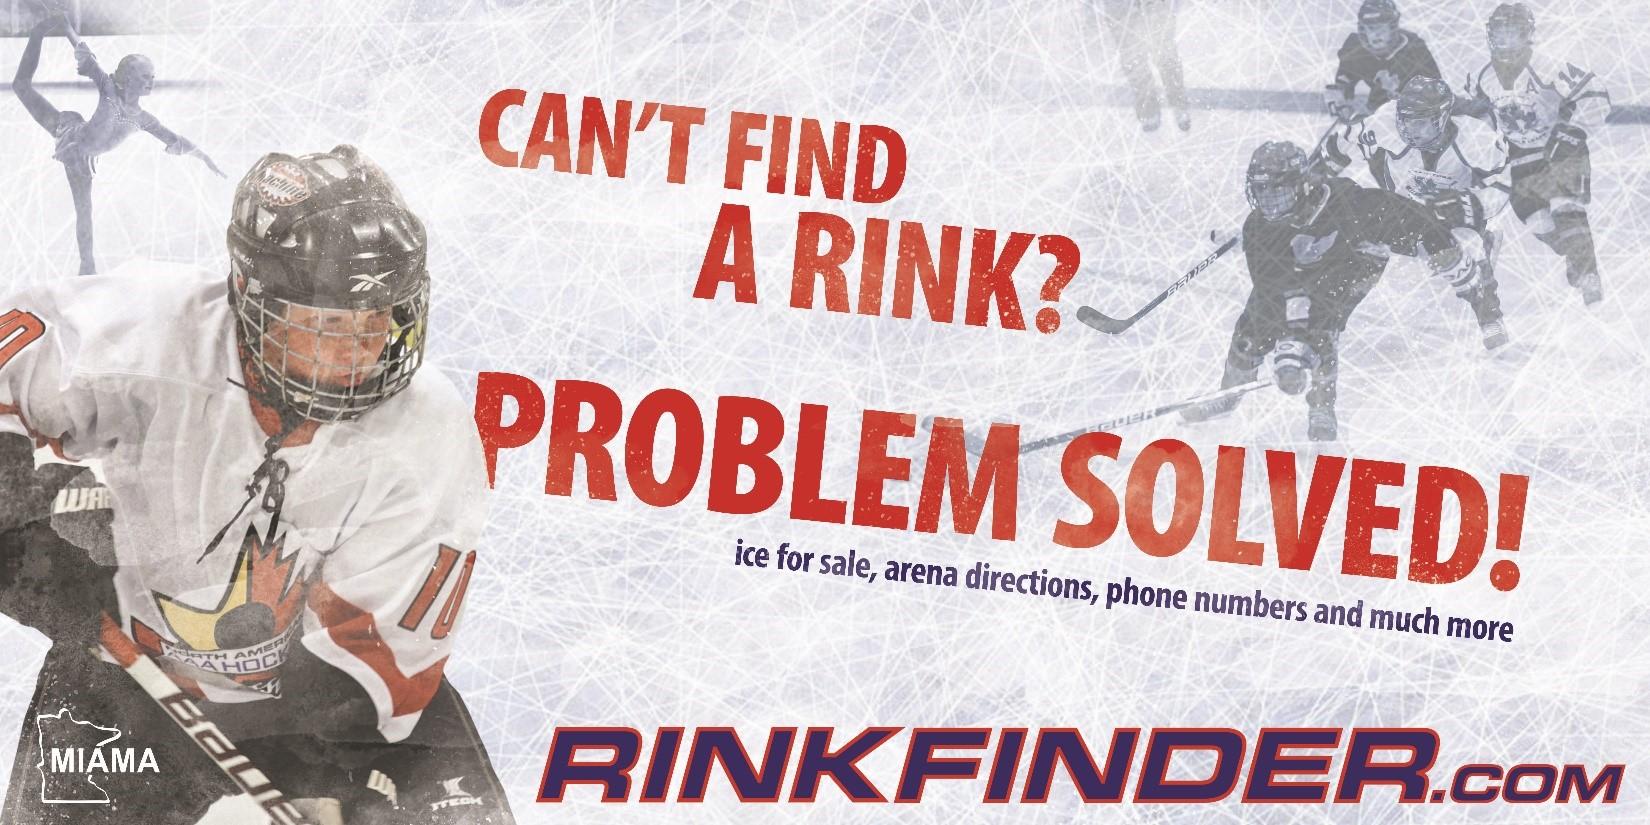 Rinkfinder.com